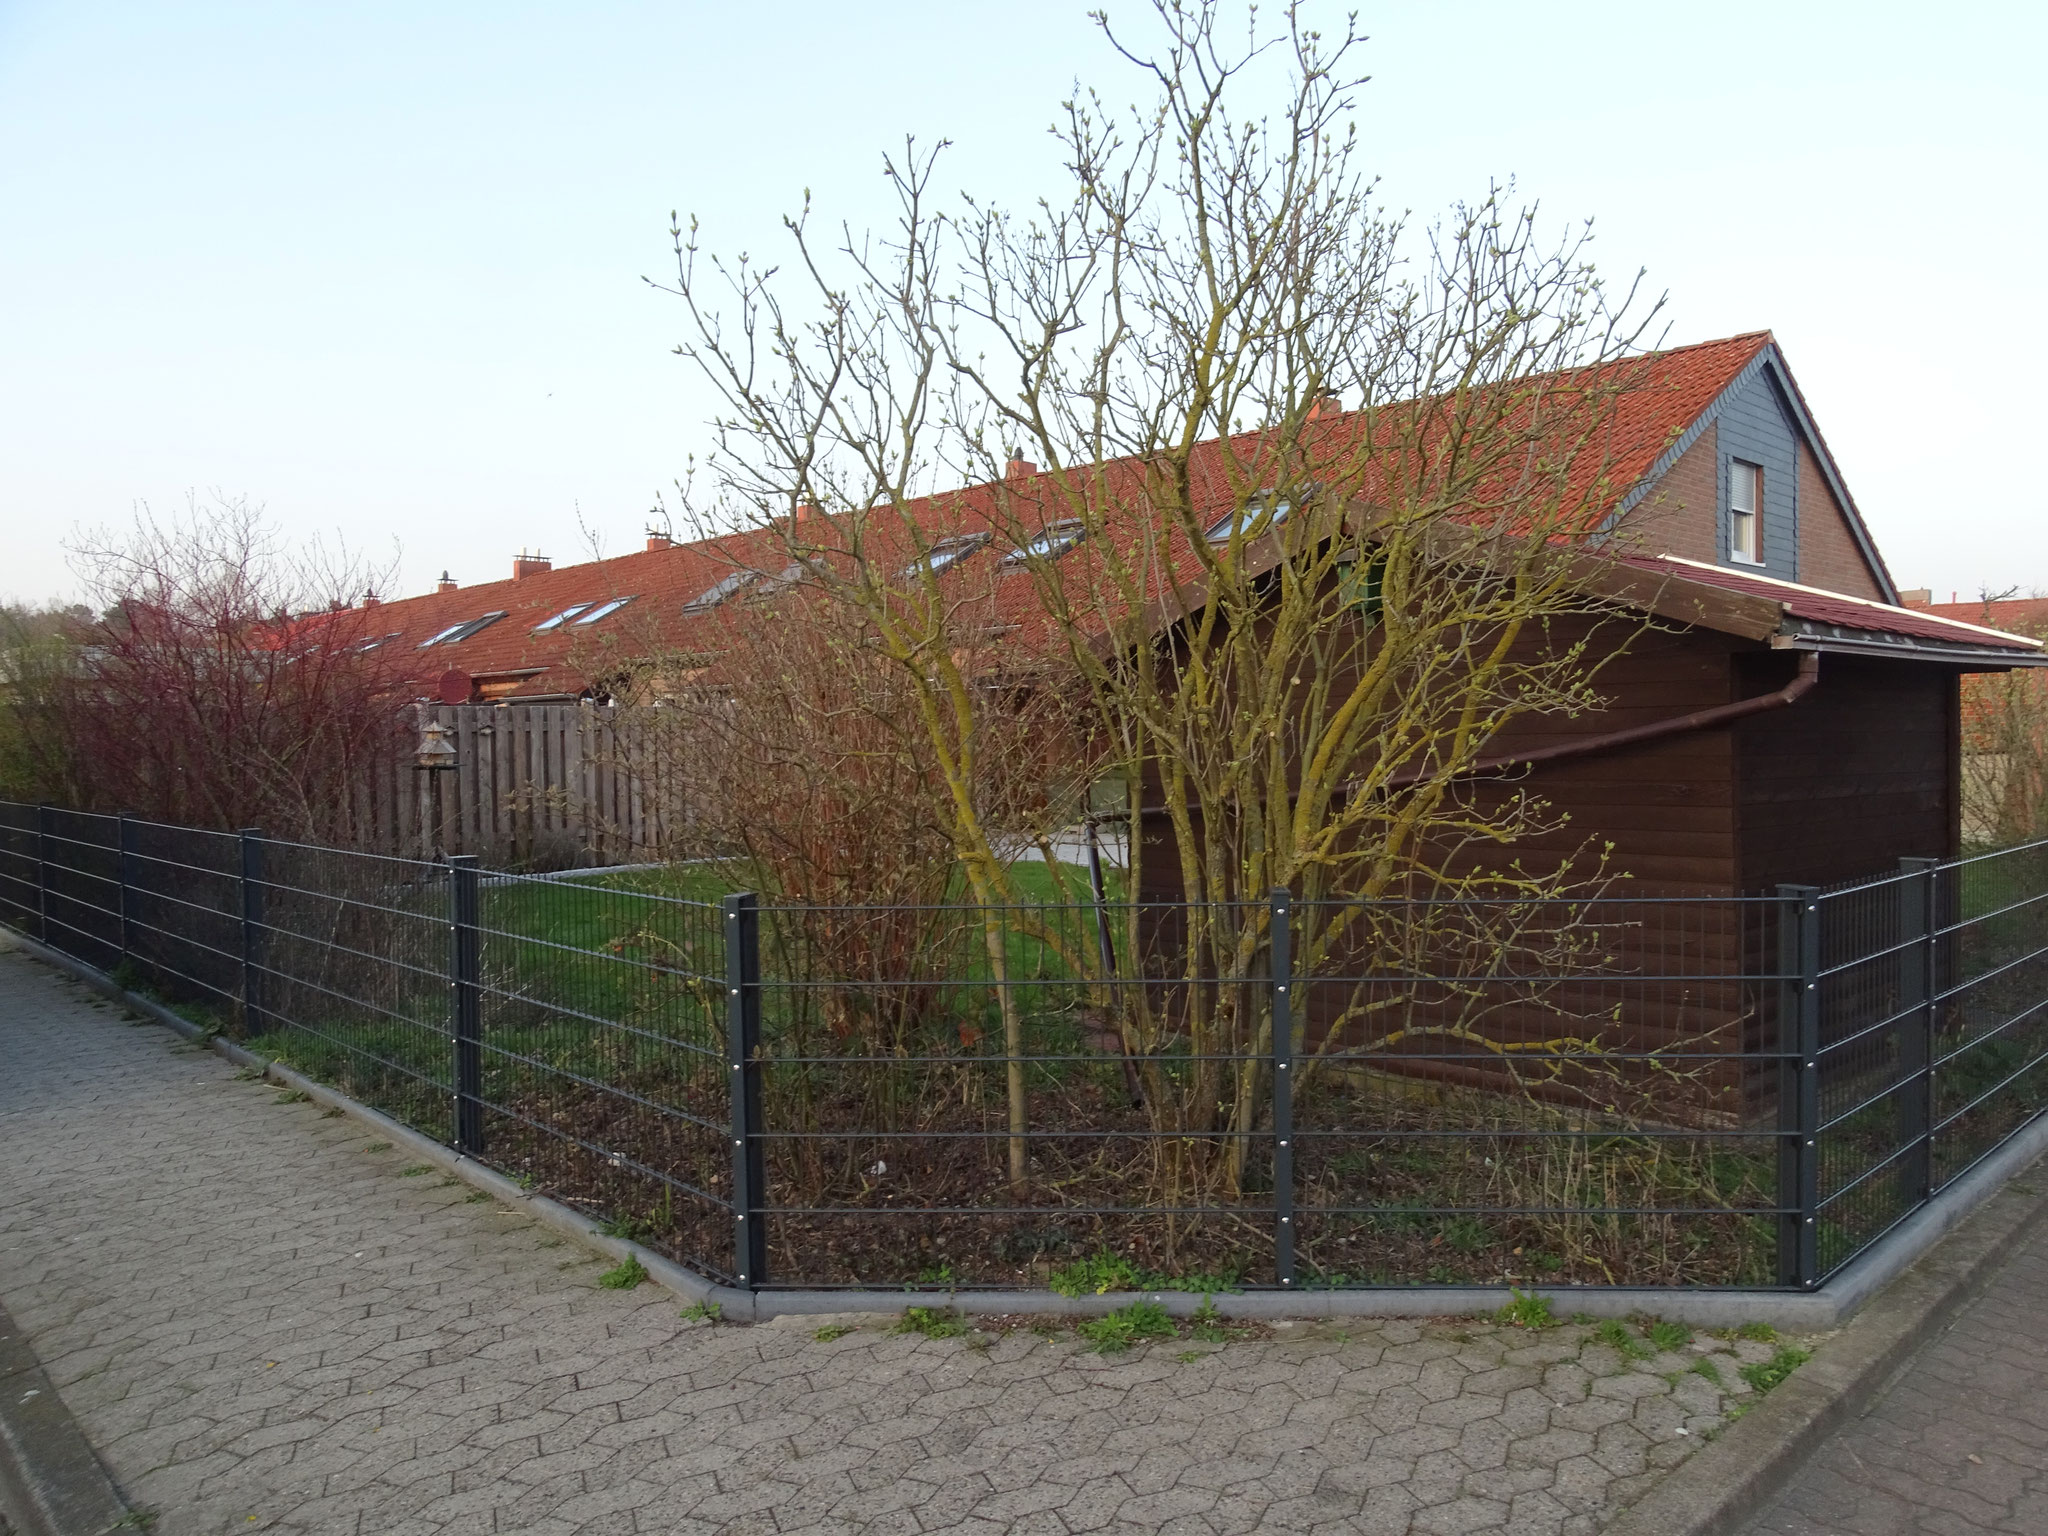 Ansicht von außen mit Zaun